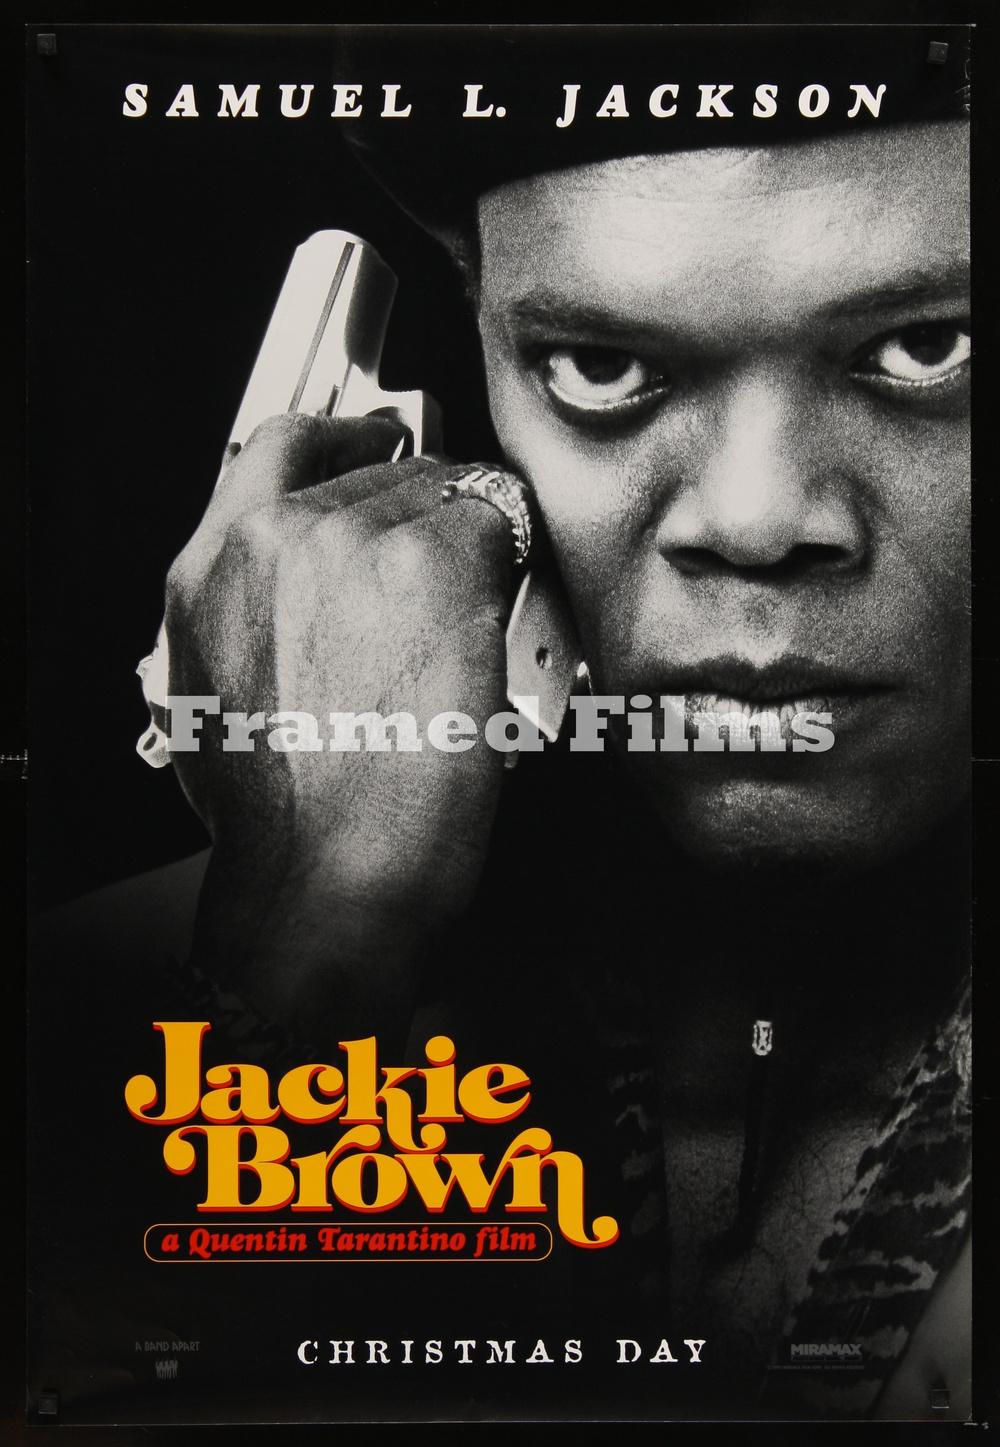 jackie_brown_jackson_style_teaser_NZ03852_L.jpg